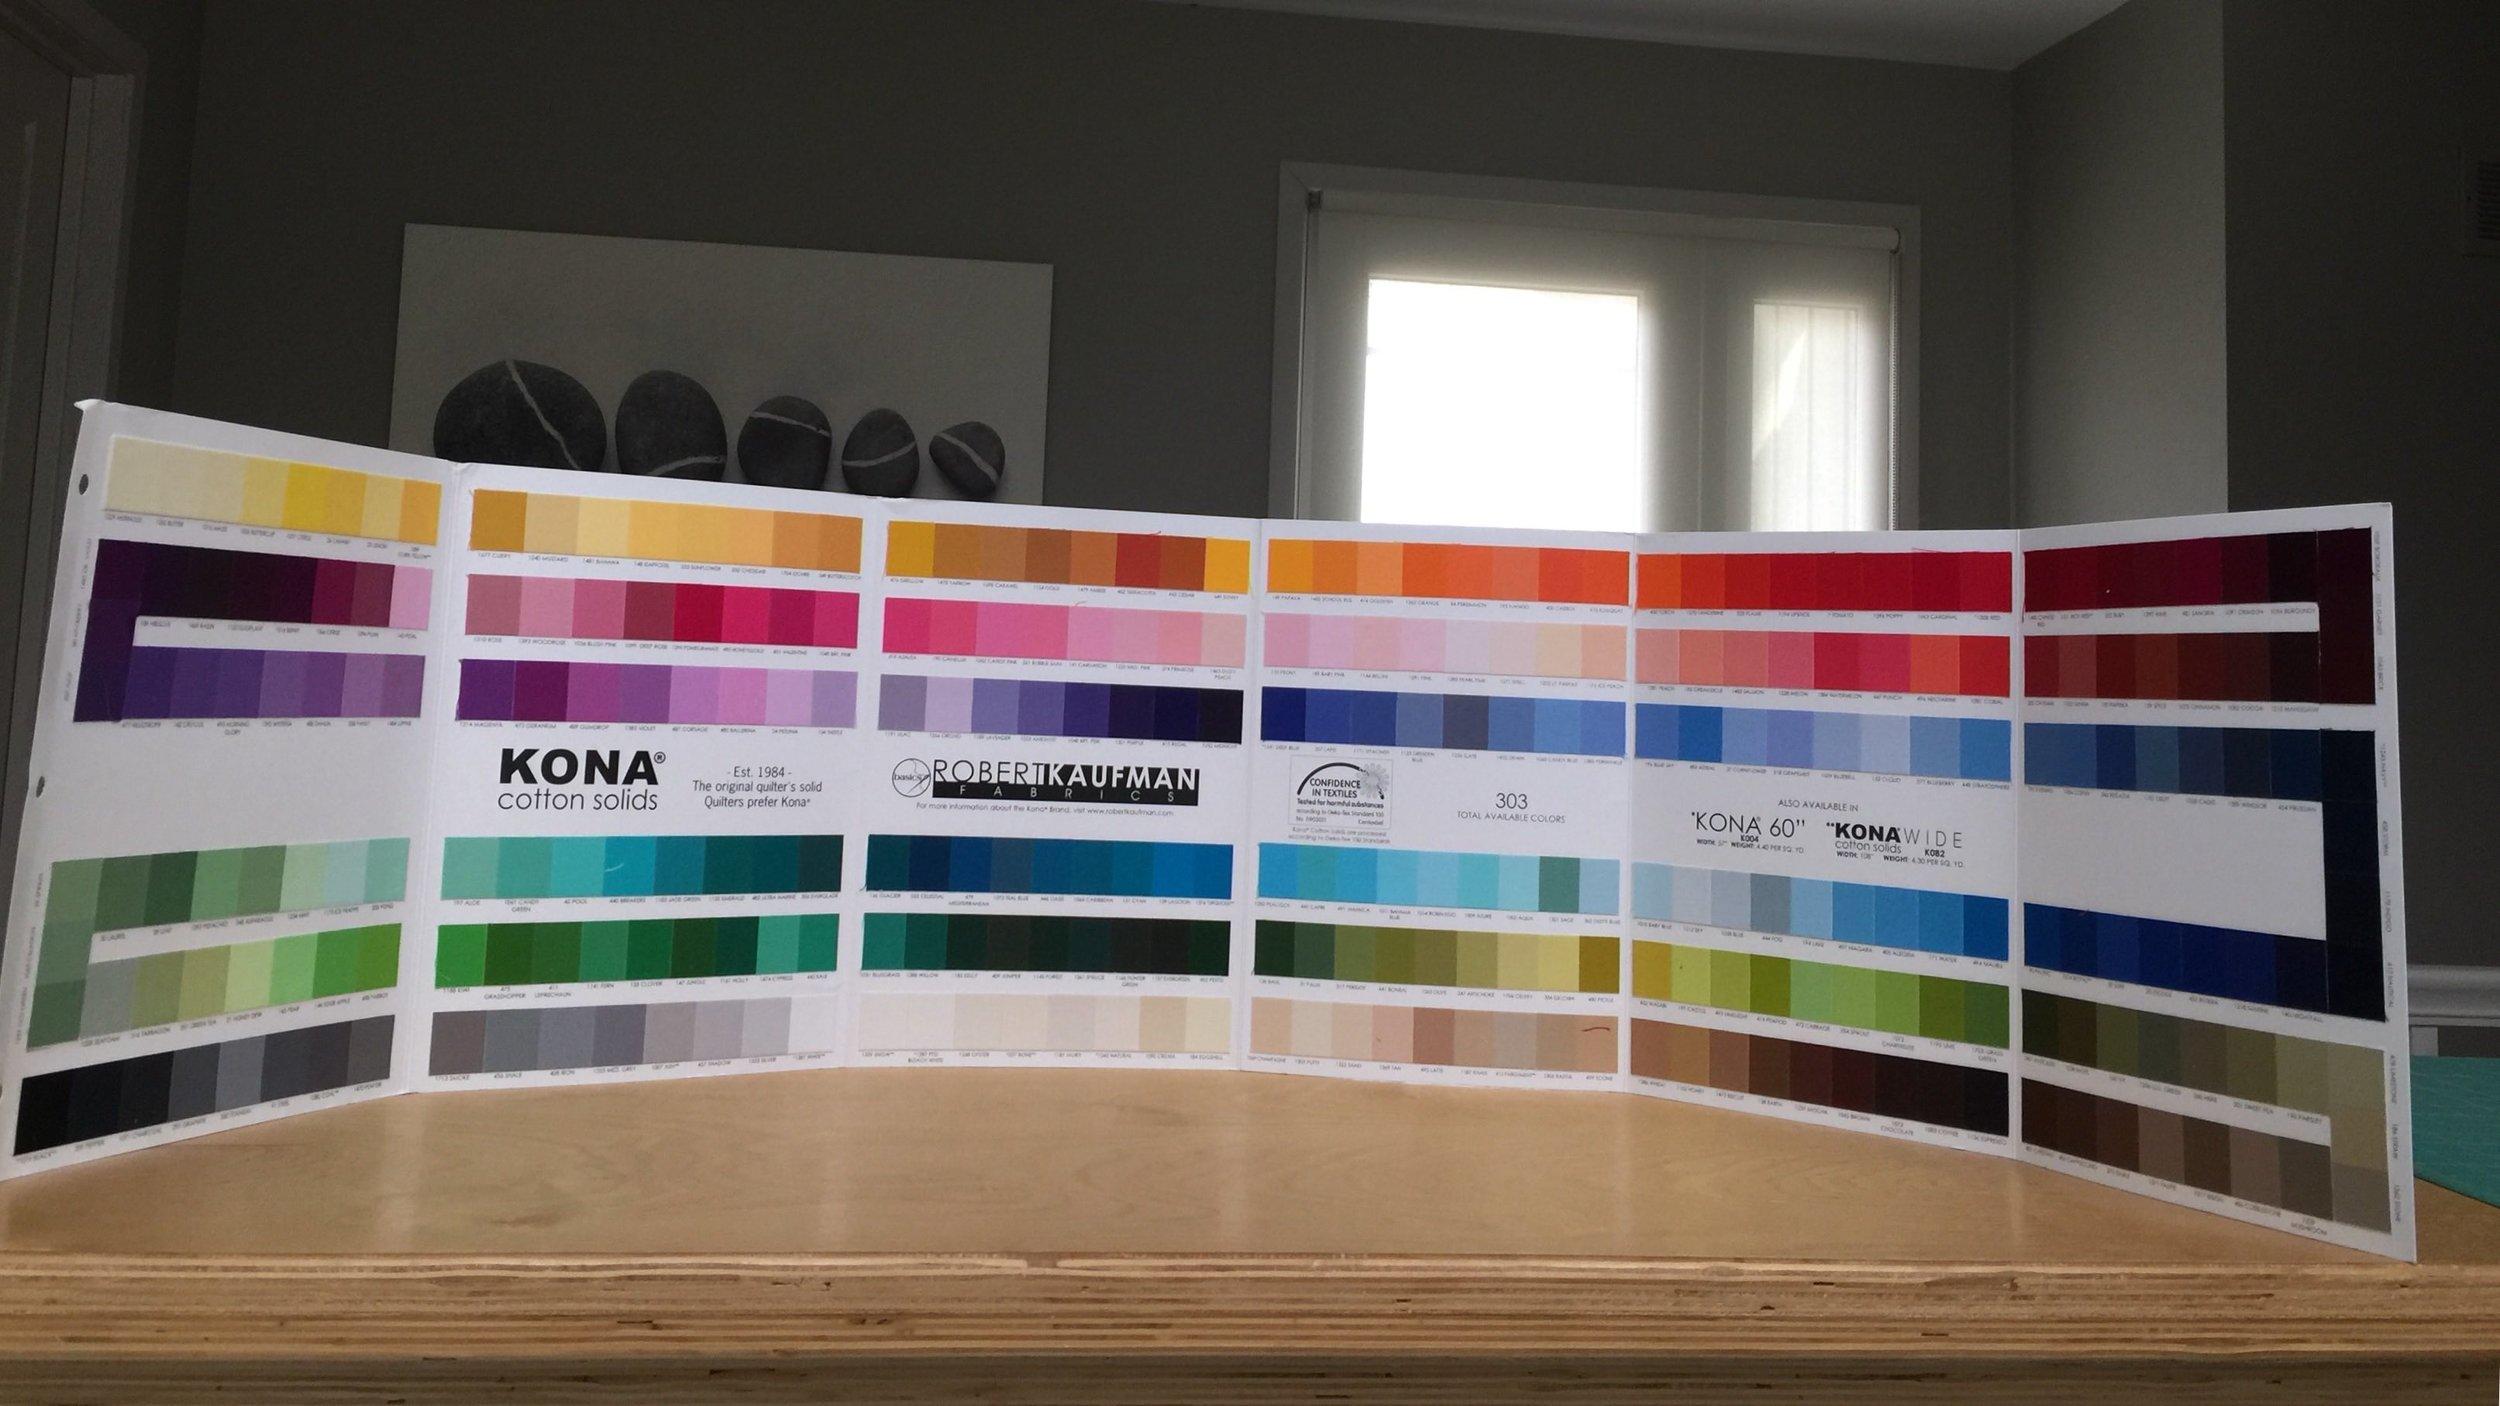 Kona cotton solids color chart